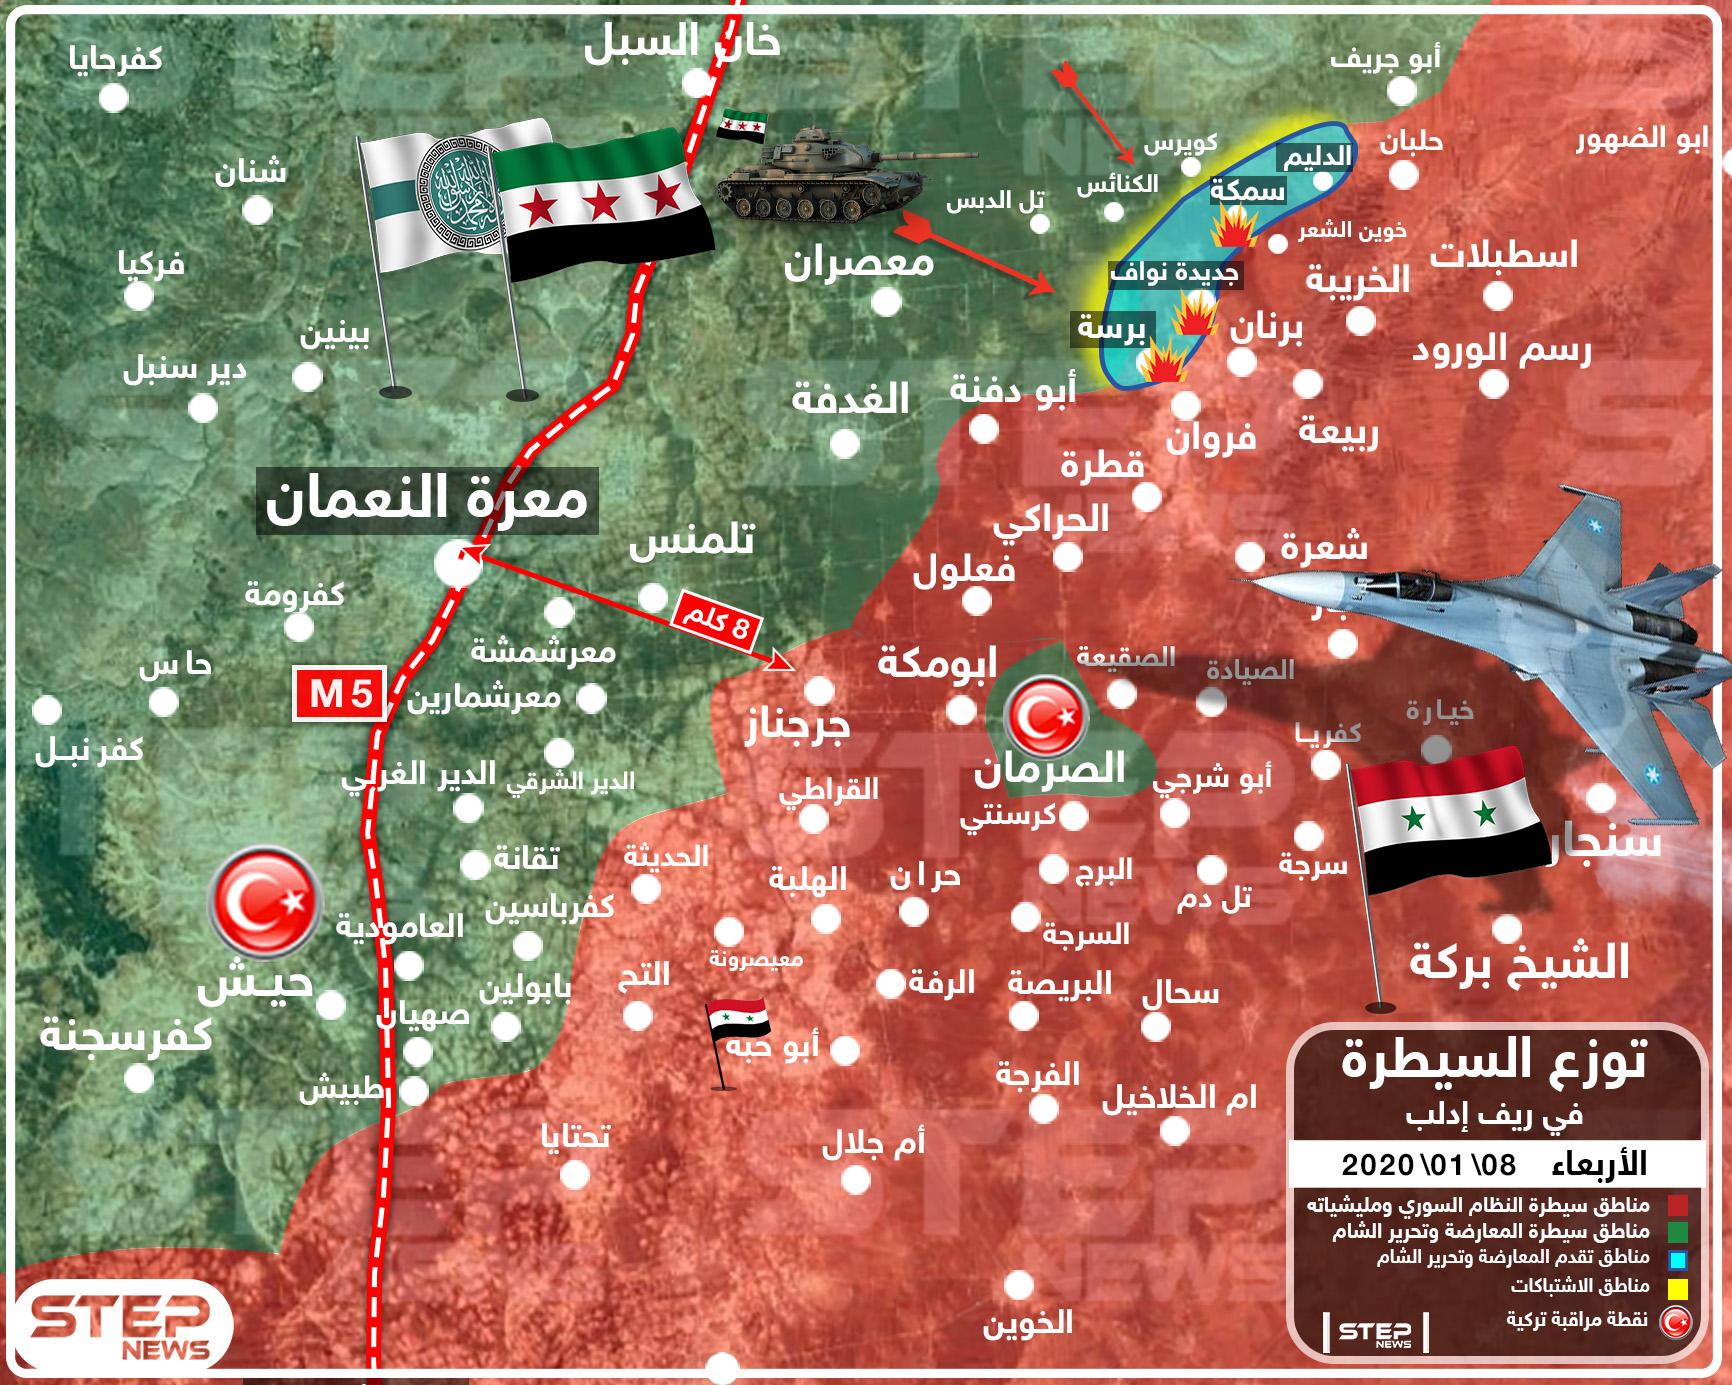 """بالخريطة   تقدّم للمعارضة و""""هيئة تحرير الشام"""" وسيطرة على عدّة بلدات شرق إدلب.."""